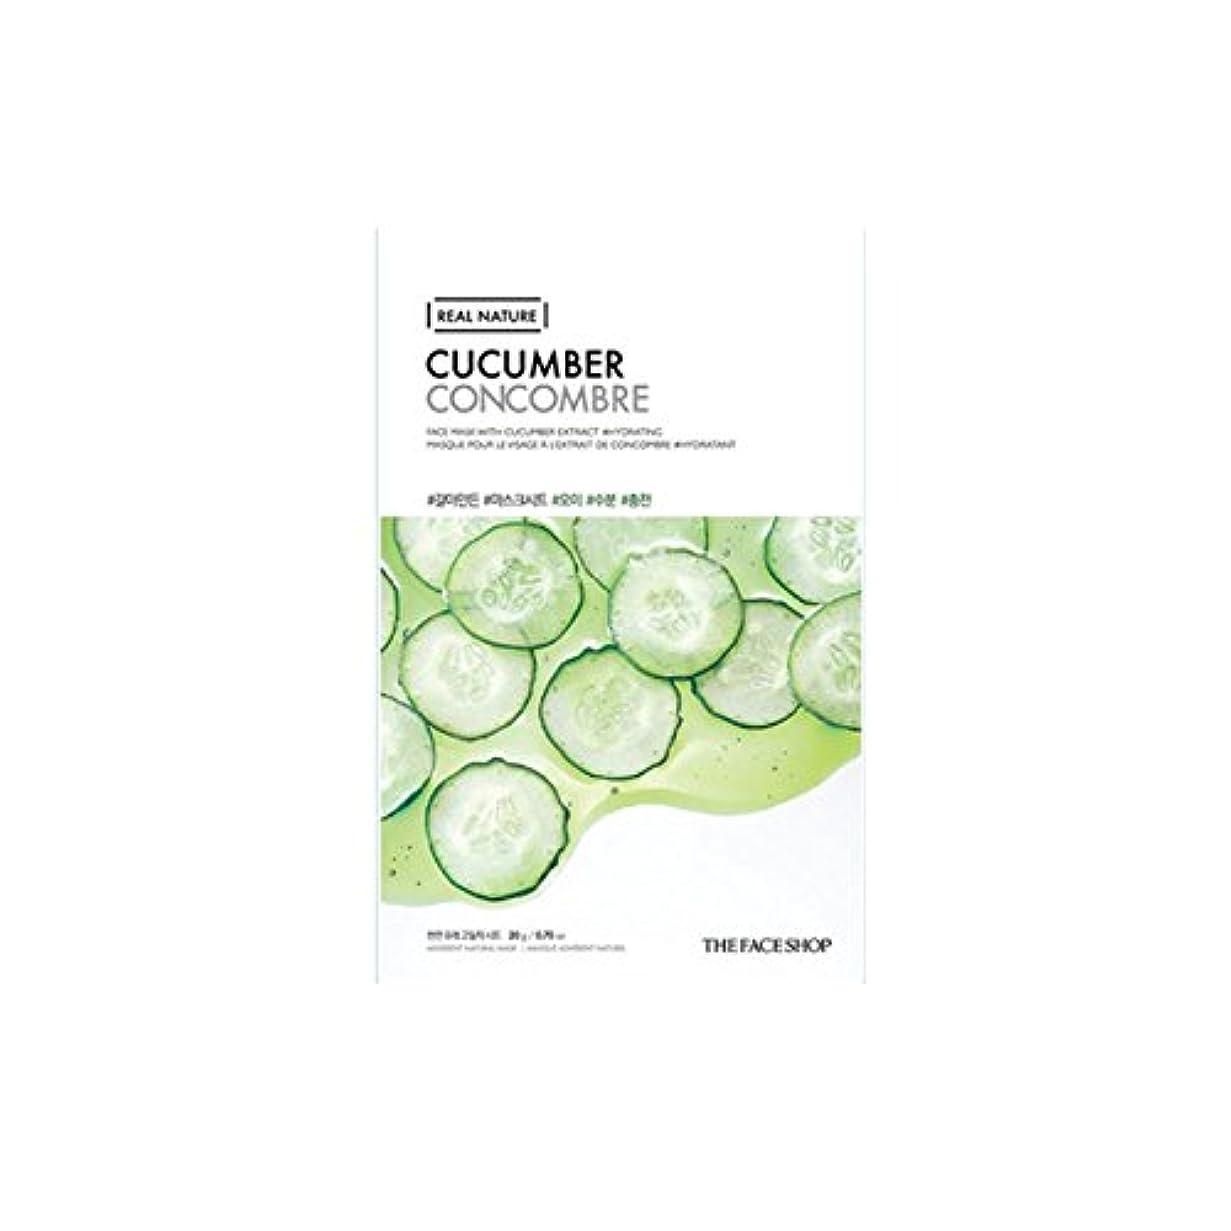 政令何十人も子供達[The Face Shop] ザフェイスショップ リアルネイチャーマスクシート Real Nature Mask Sheet (Cucumber (キュウリ) 10個) [並行輸入品]